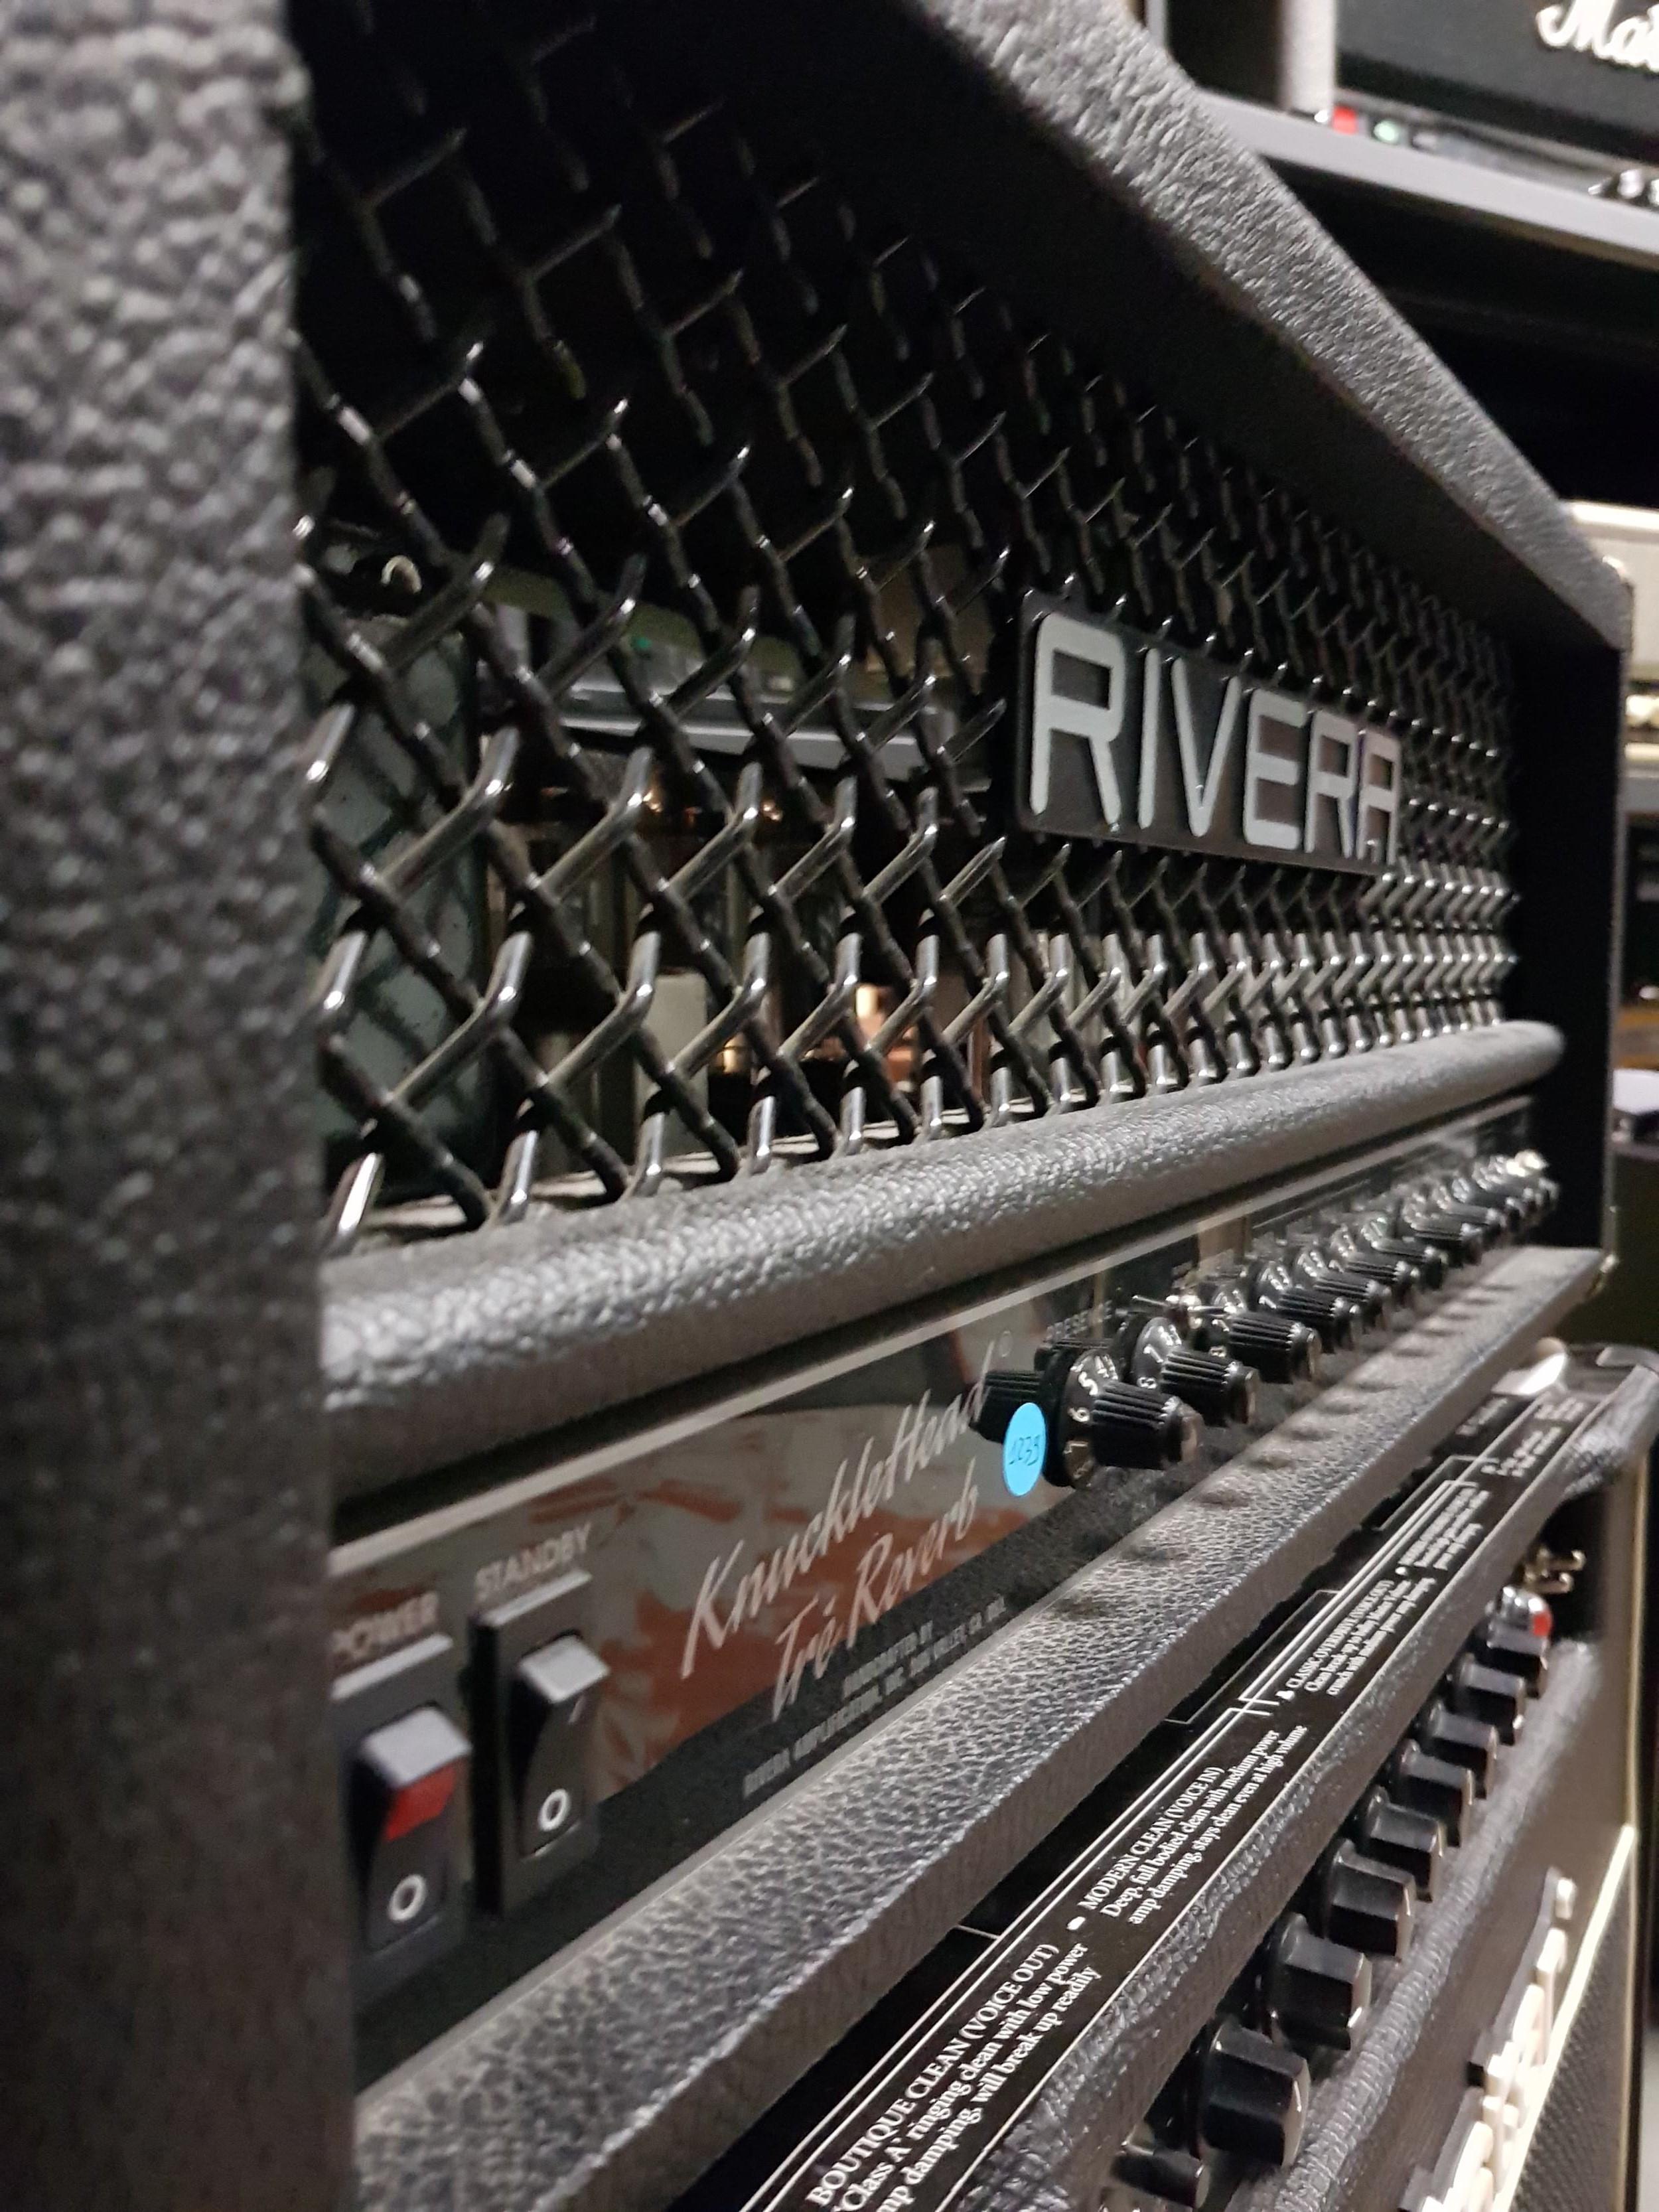 RIVERA K3 KNUCKLE HEAD ..